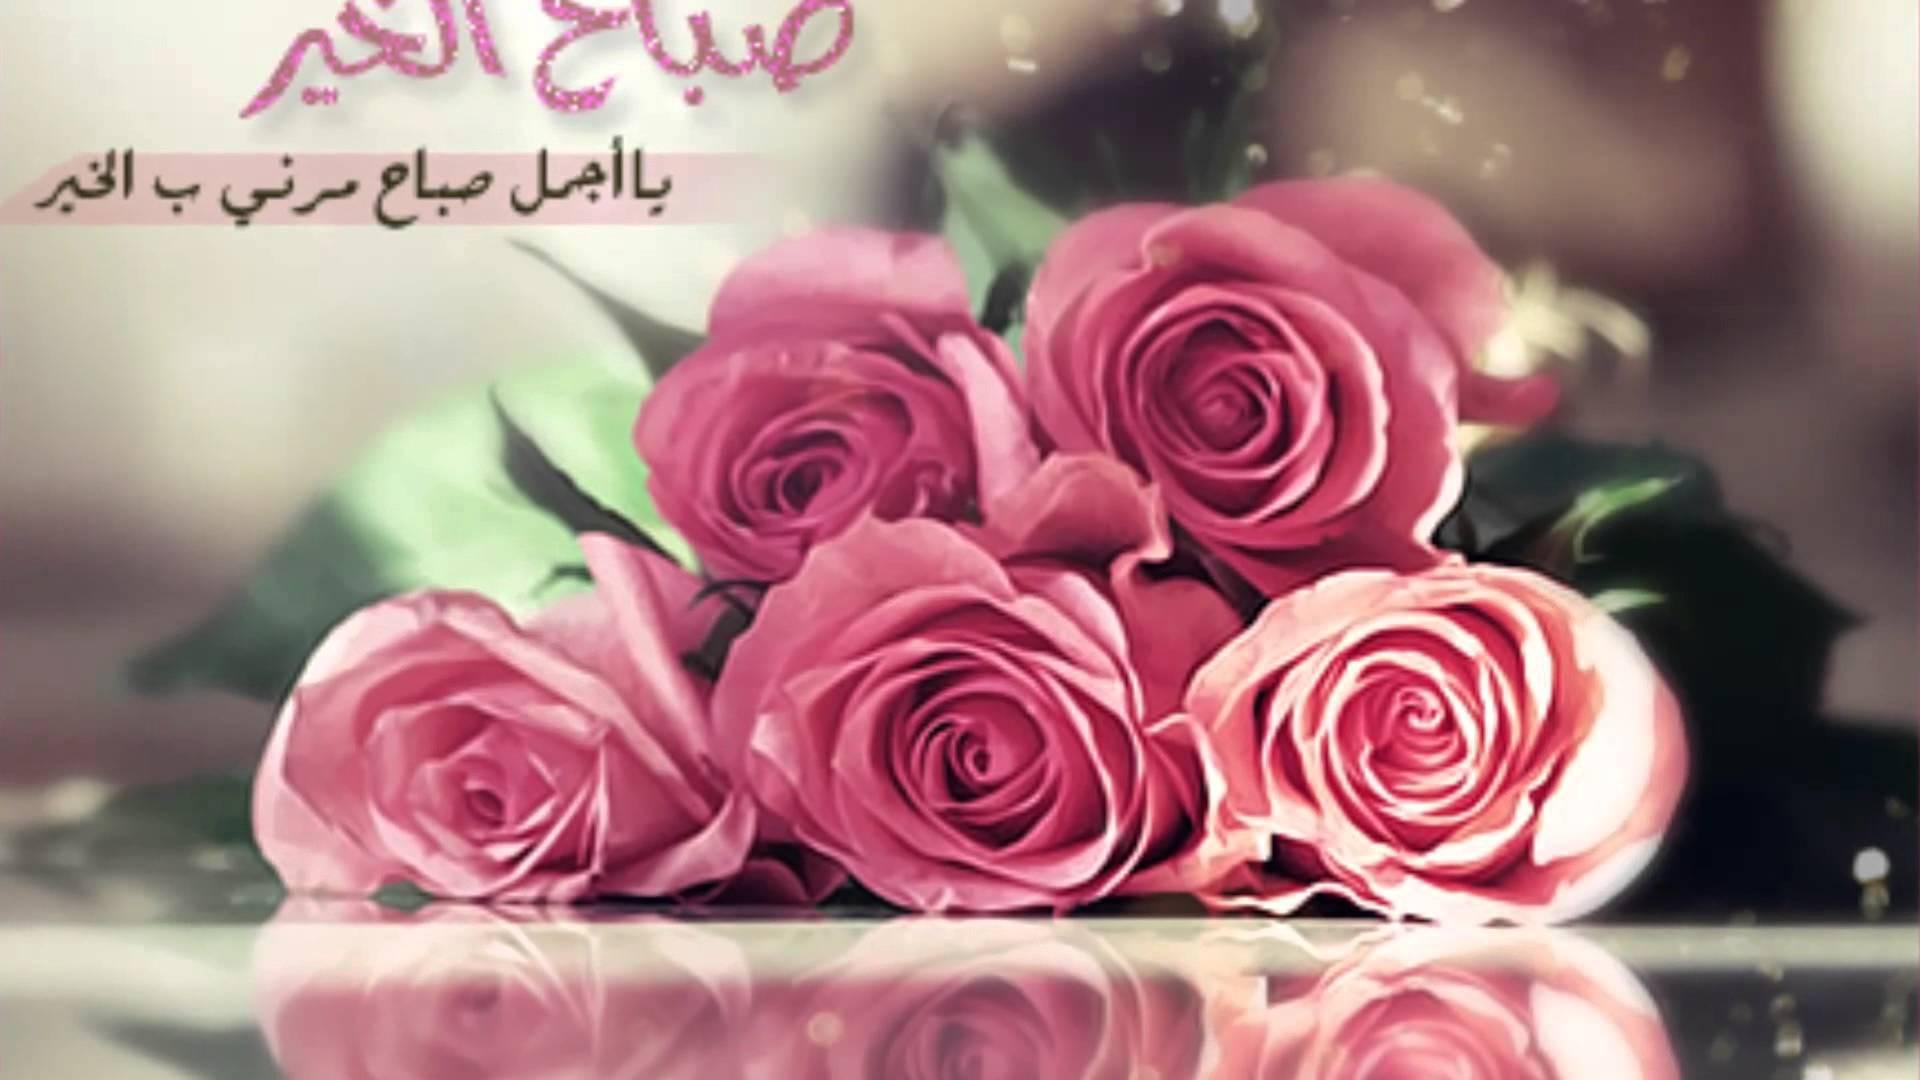 بالصور صباح الورد حبيبتي , اجمل الصور لصباح الخير والورد 6036